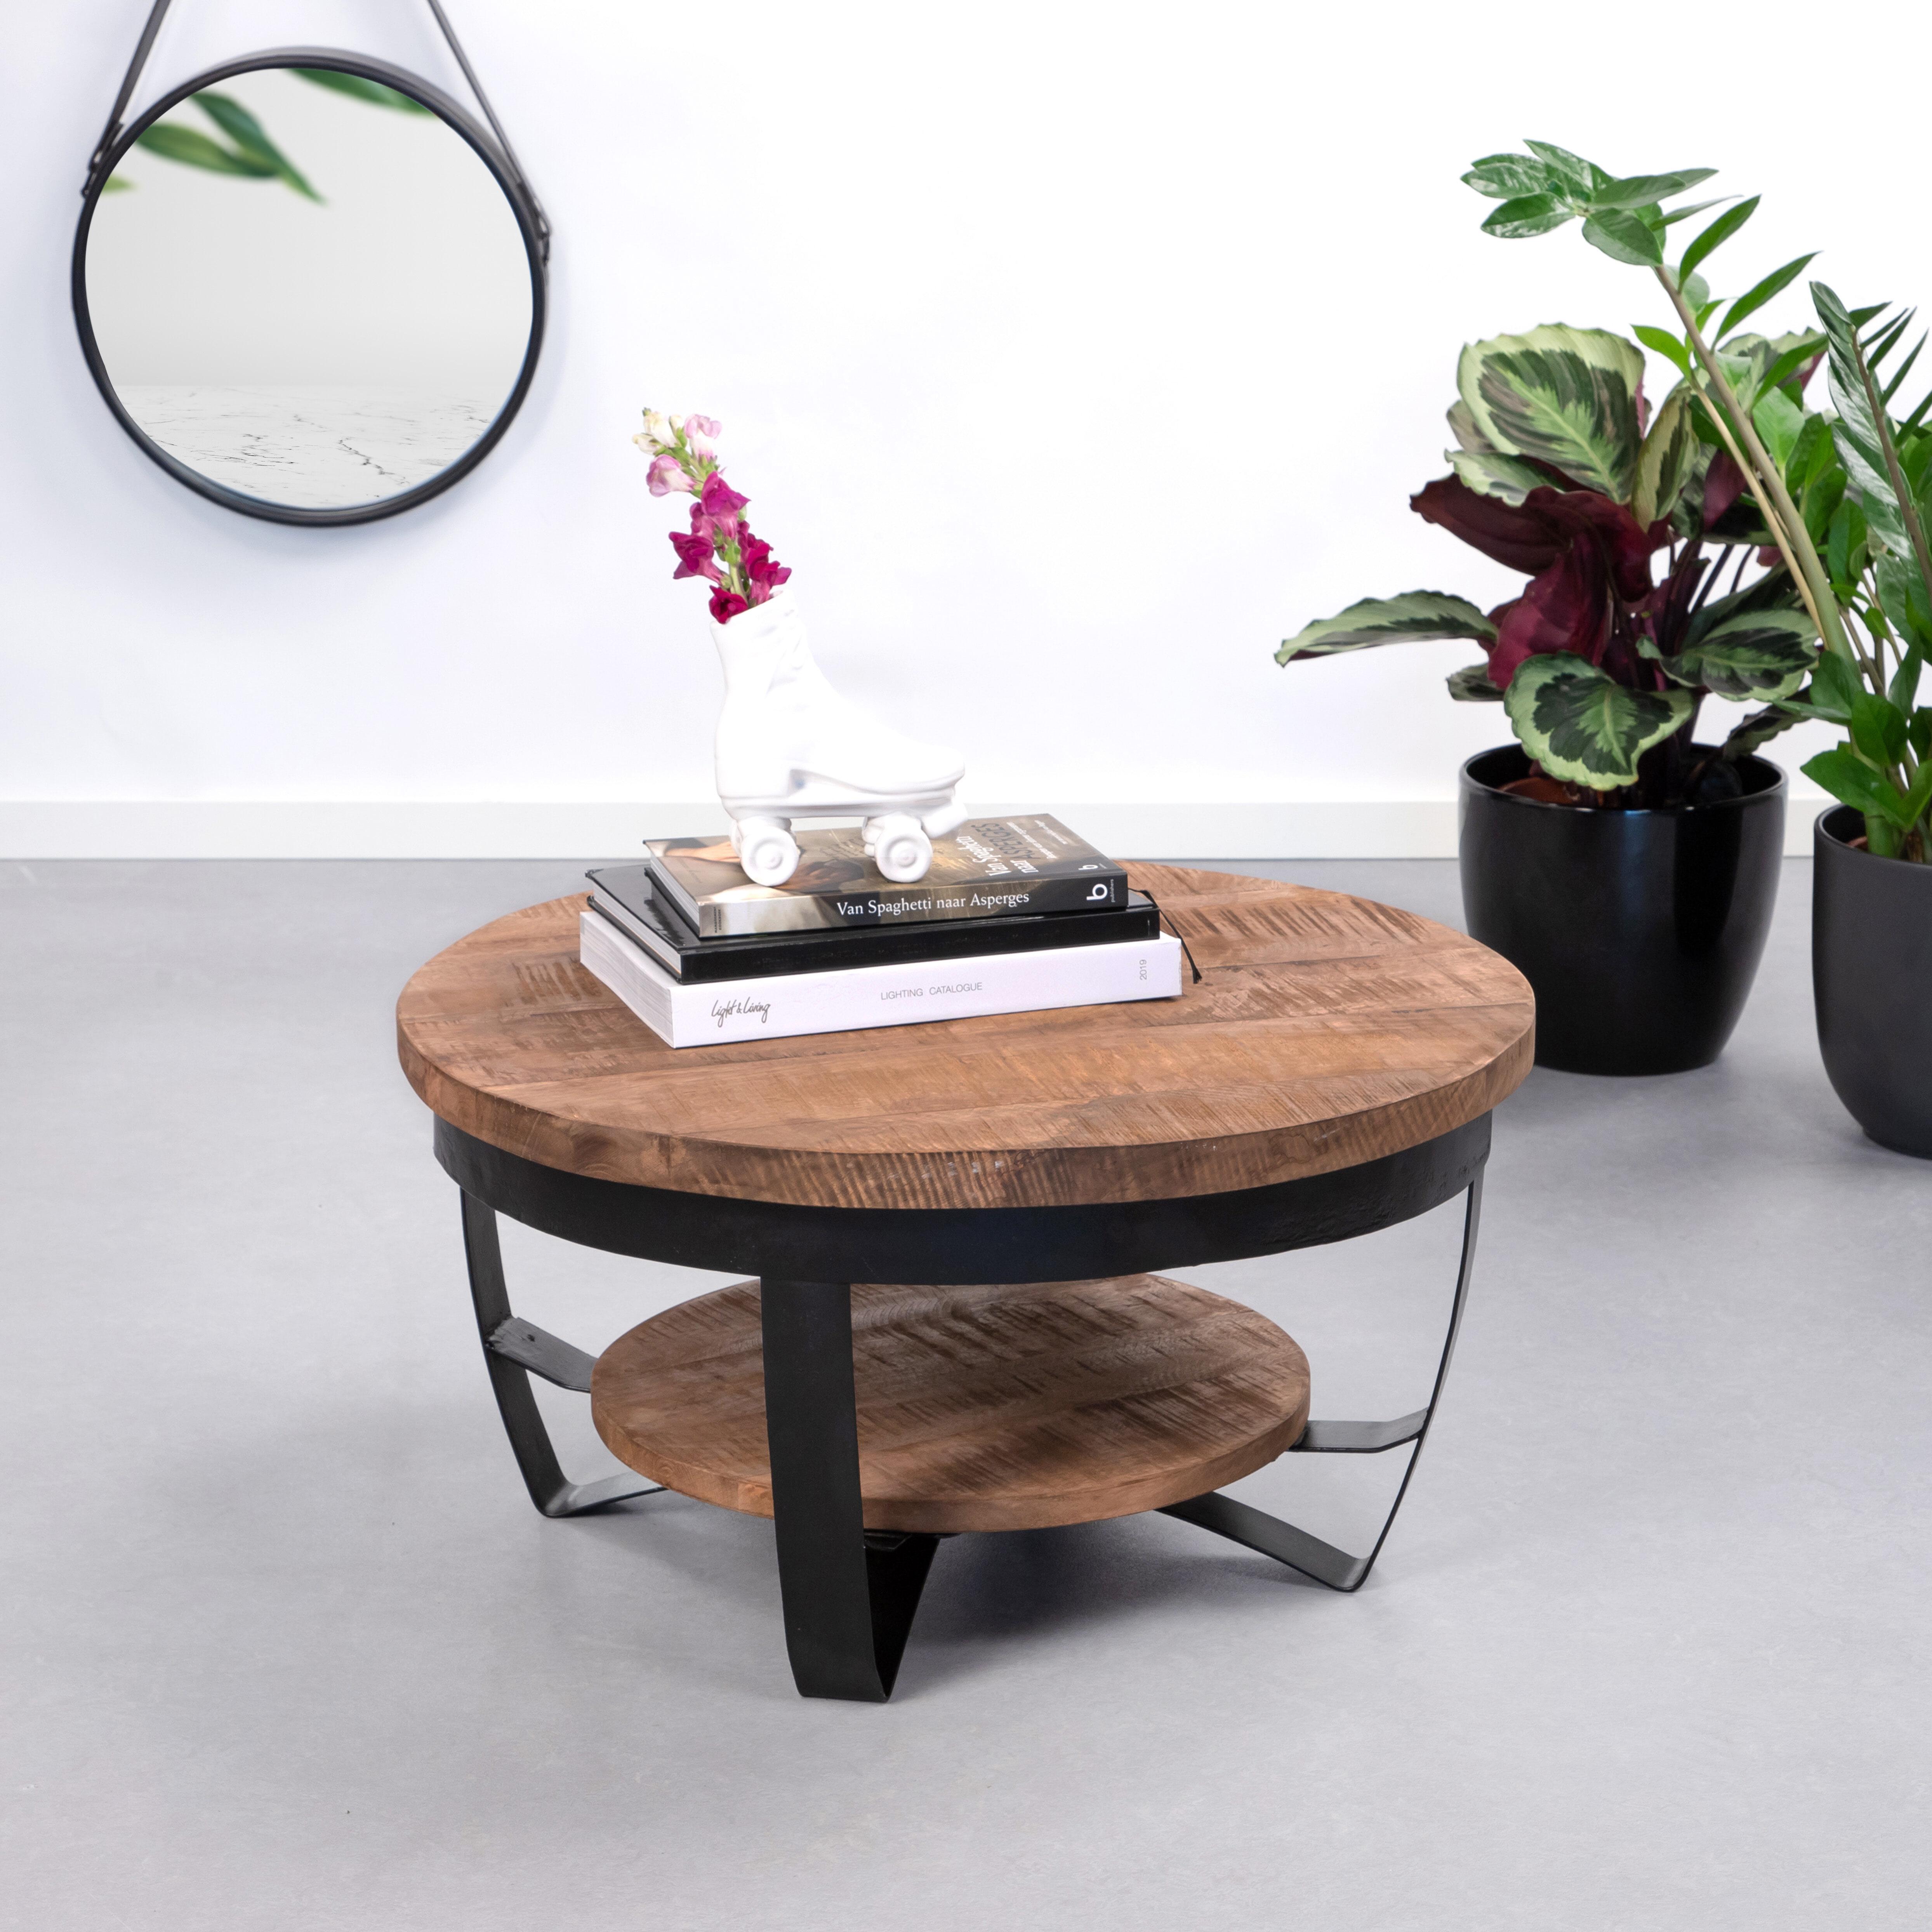 Brix Salontafel 'Mark' 65cm, kleur zwart Tafels | Salontafels vergelijken doe je het voordeligst hier bij Meubelpartner